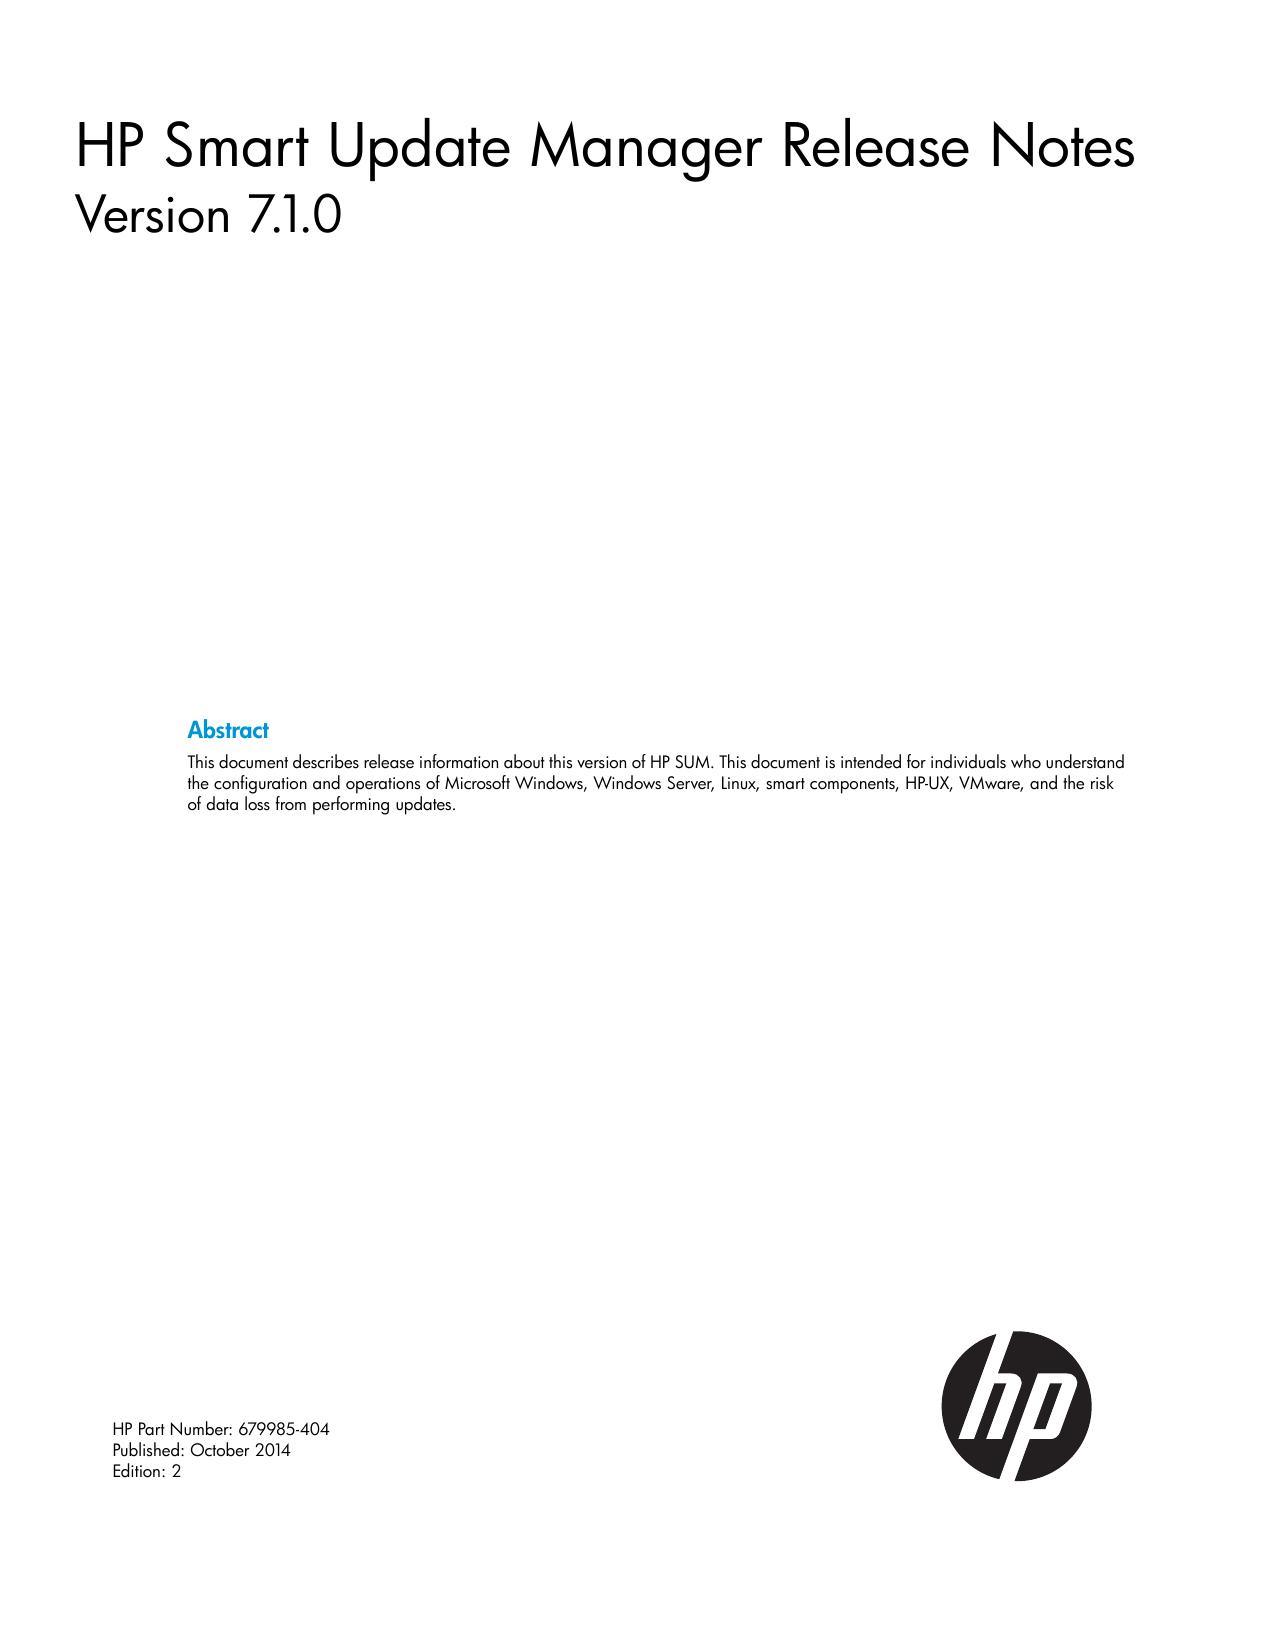 HP Smart Update Manager Release Notes - Hewlett Packard